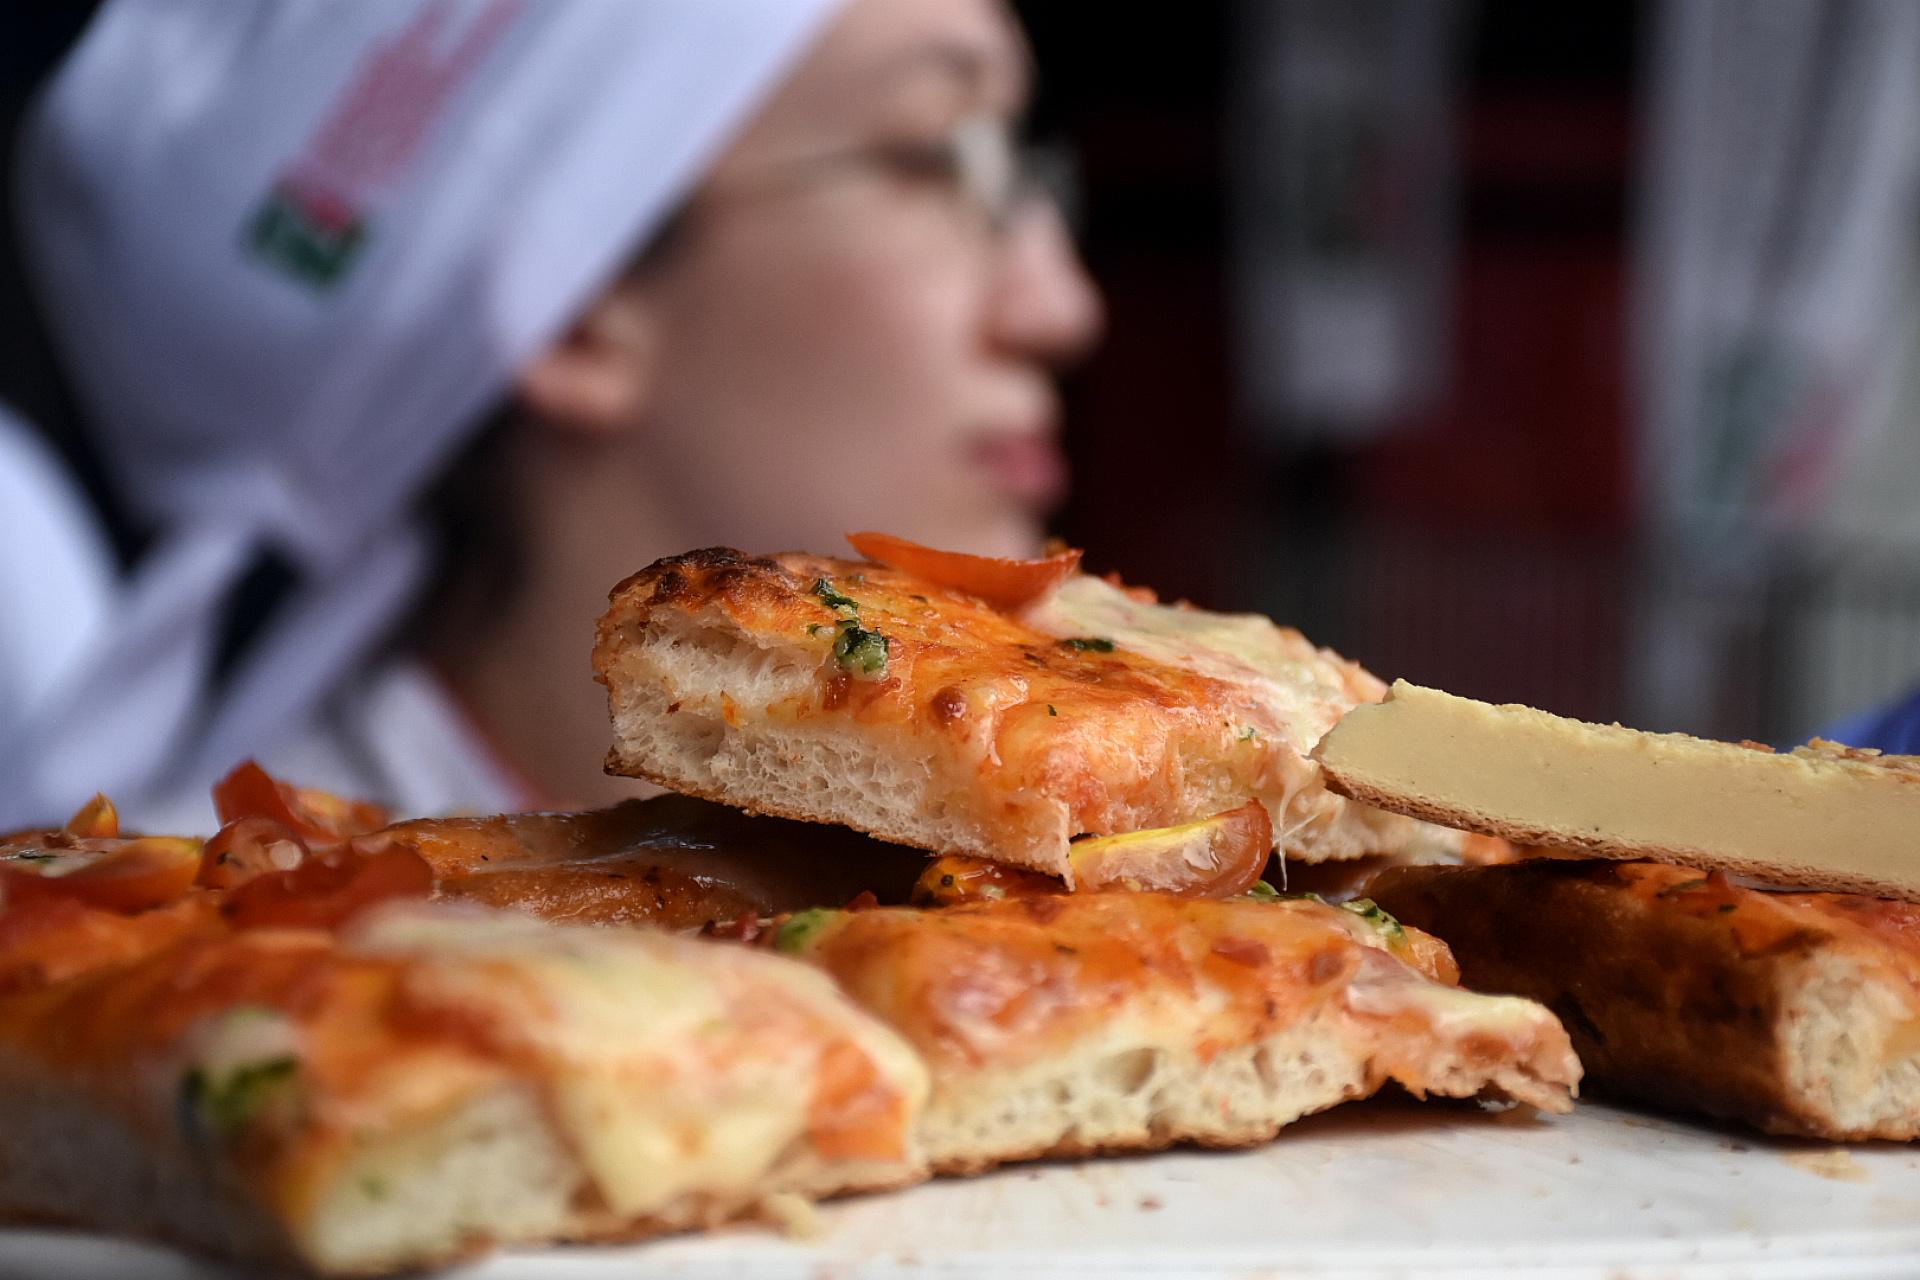 Cada 17 de noviembre se celebra el Día de la Cocina Italiana en Buenos Aires. Y este año el escenario elegido para festejarlo fue la Usina del Arte de la Boca